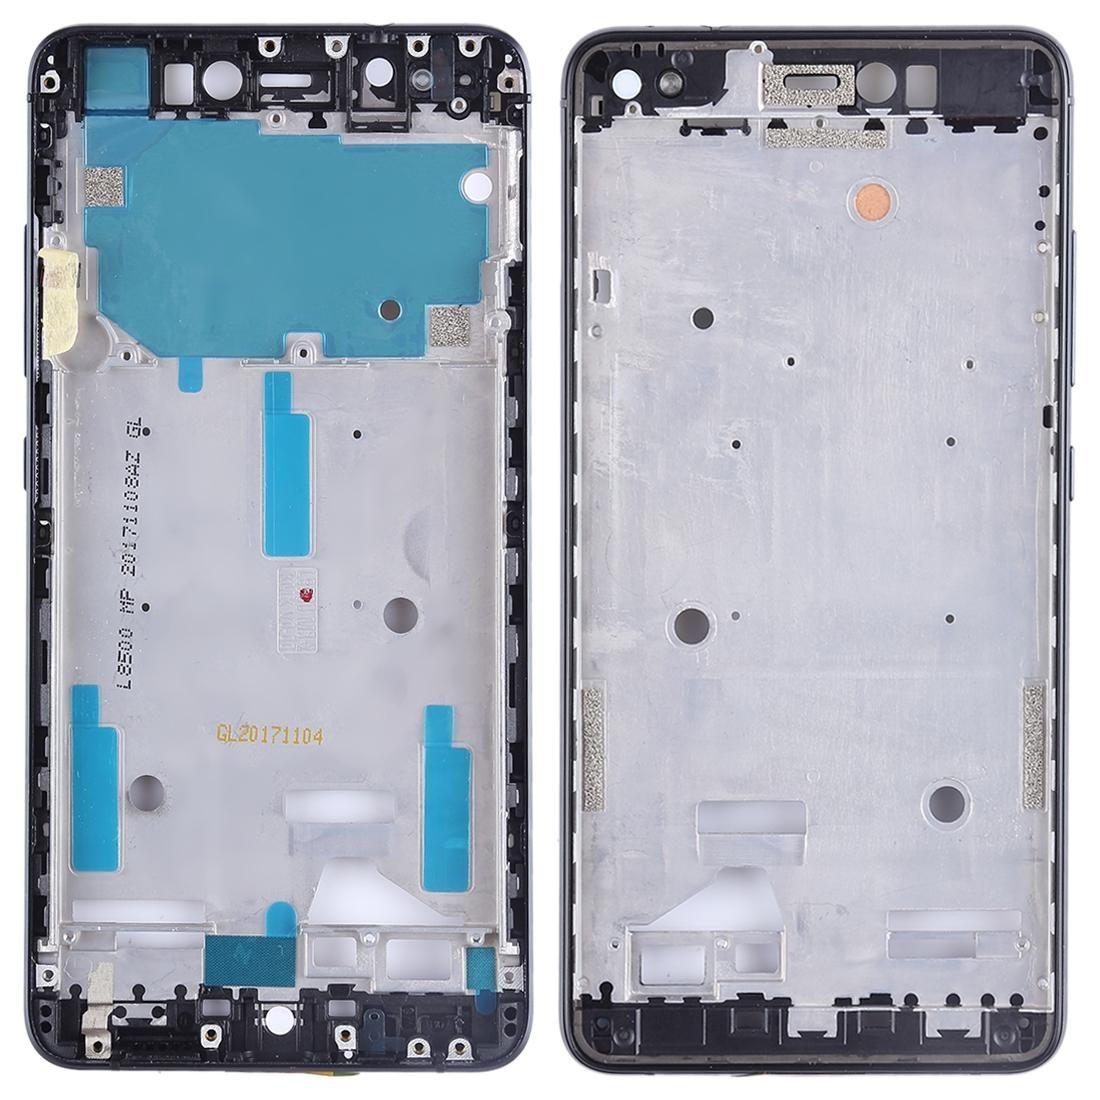 Avant Boîtier Cadre LCD Bezel Plate avec touches latérales pour BQ Aquaris X / X Pro